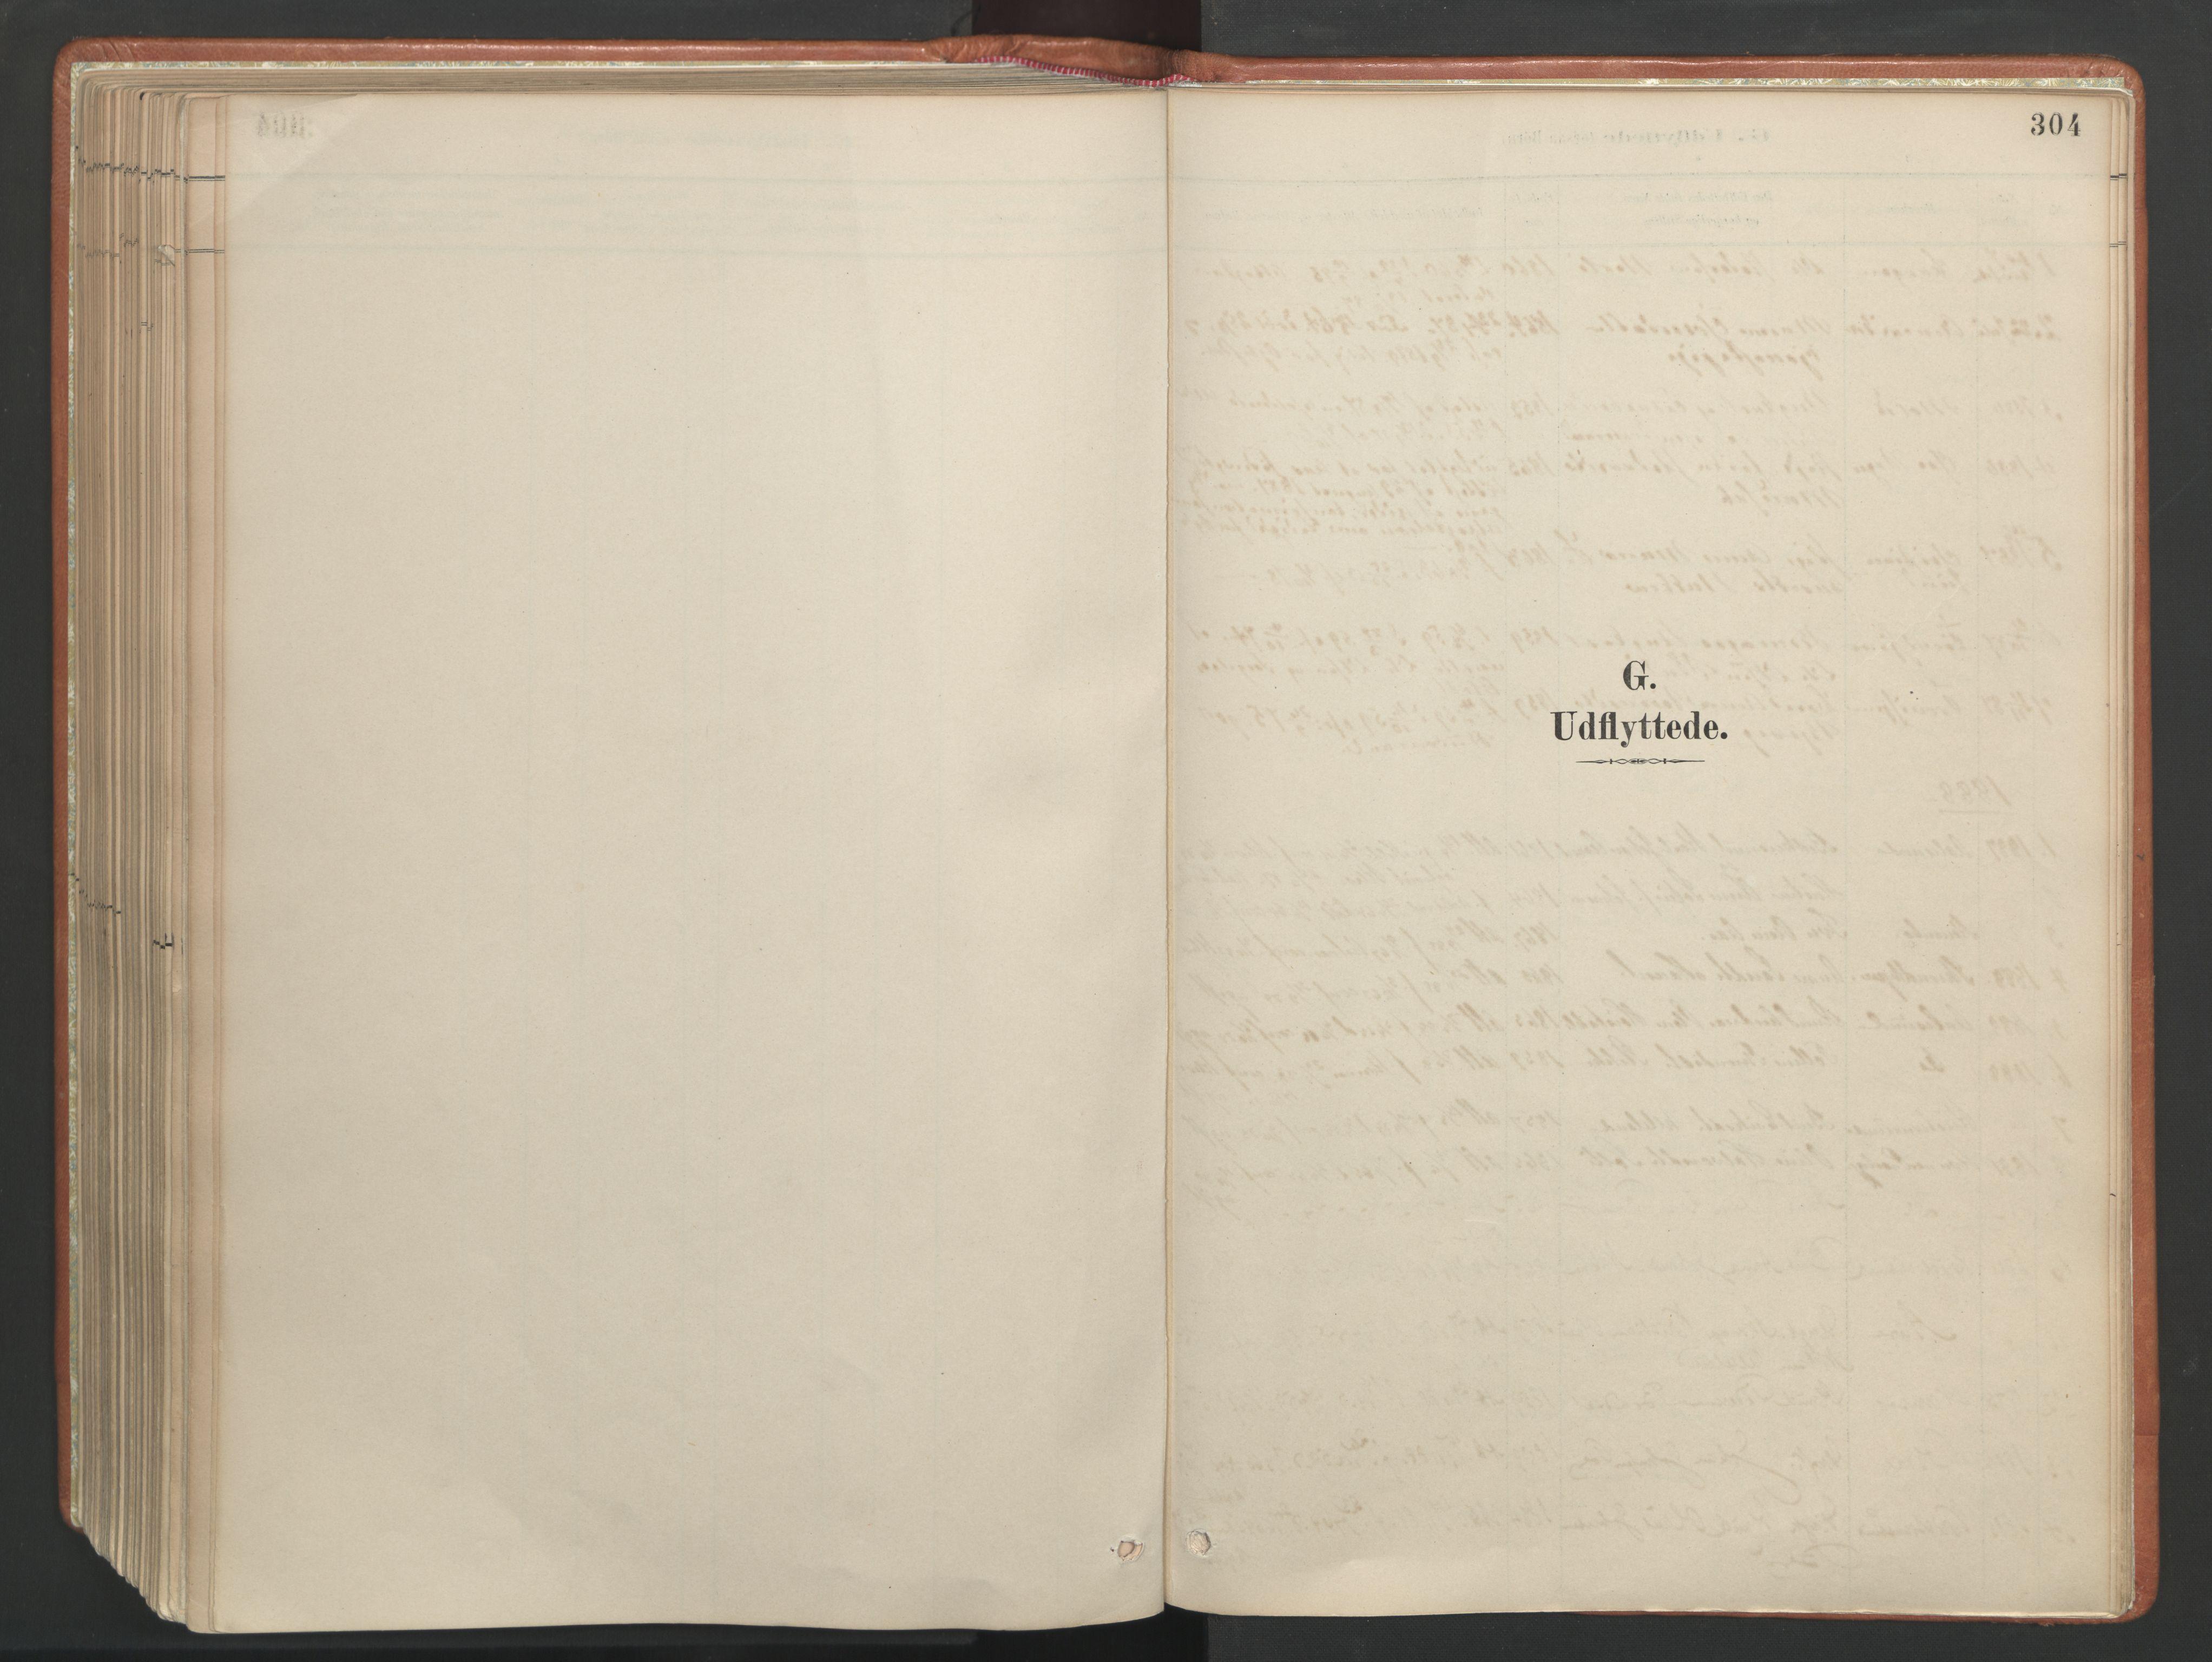 SAT, Ministerialprotokoller, klokkerbøker og fødselsregistre - Møre og Romsdal, 557/L0682: Ministerialbok nr. 557A04, 1887-1970, s. 304